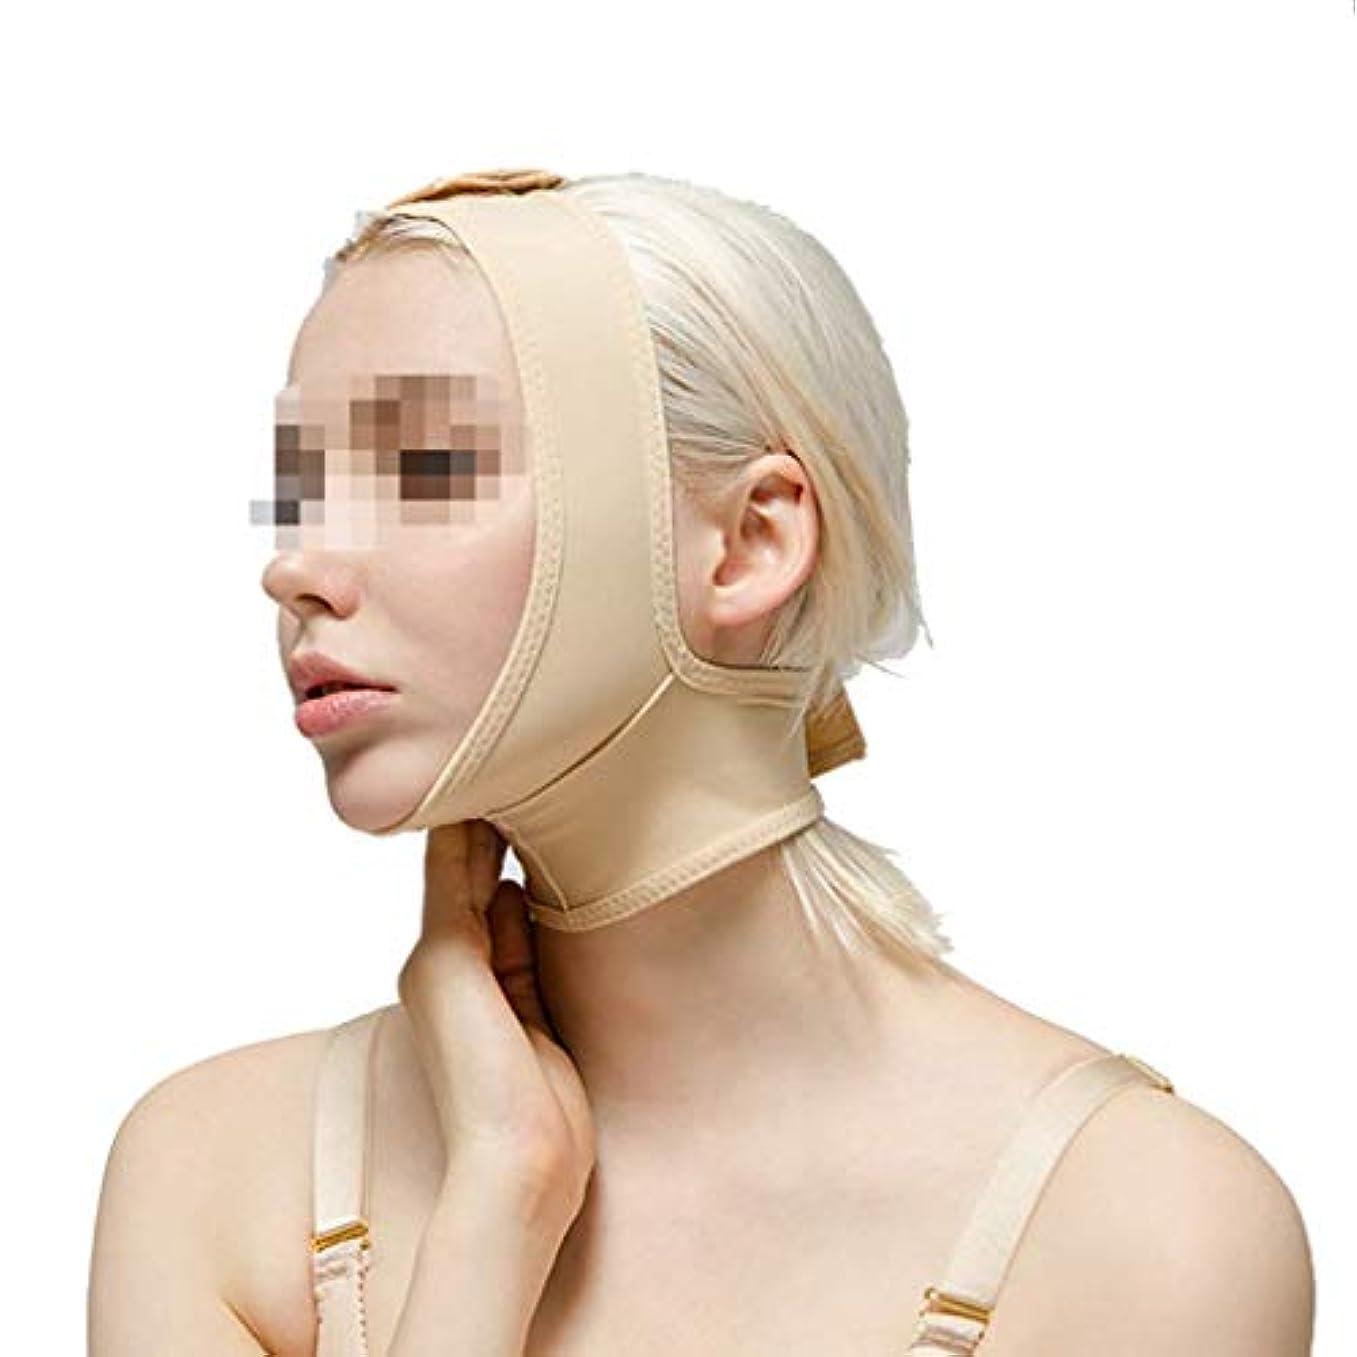 トレイ煩わしい賢い術後伸縮性スリーブ、下顎束フェイスバンデージフェイシャルビームダブルチンシンフェイスマスクマルチサイズオプション(サイズ:L),S